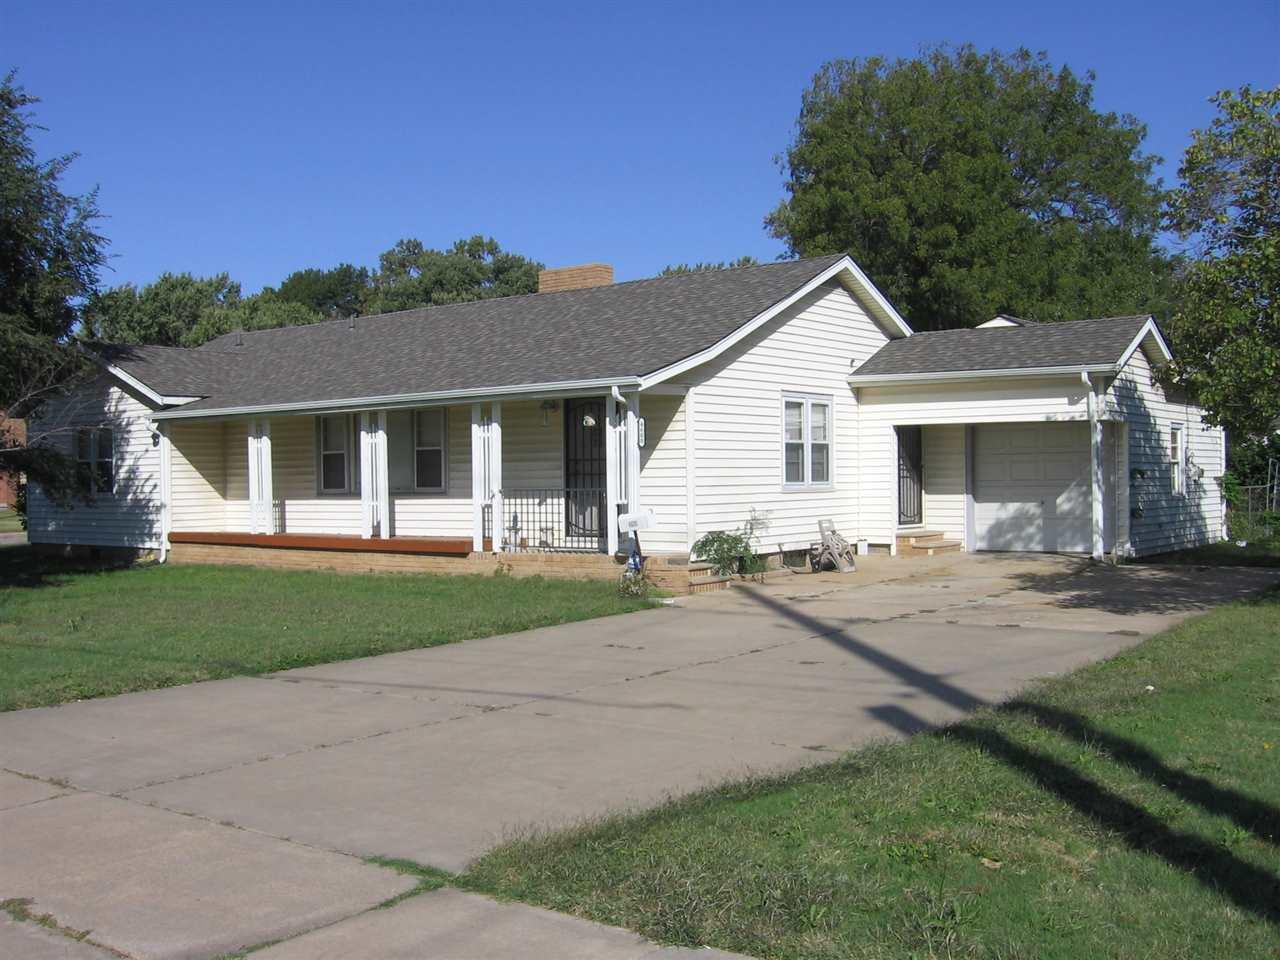 4600 E Pawnee Ave, Wichita, KS, 67218